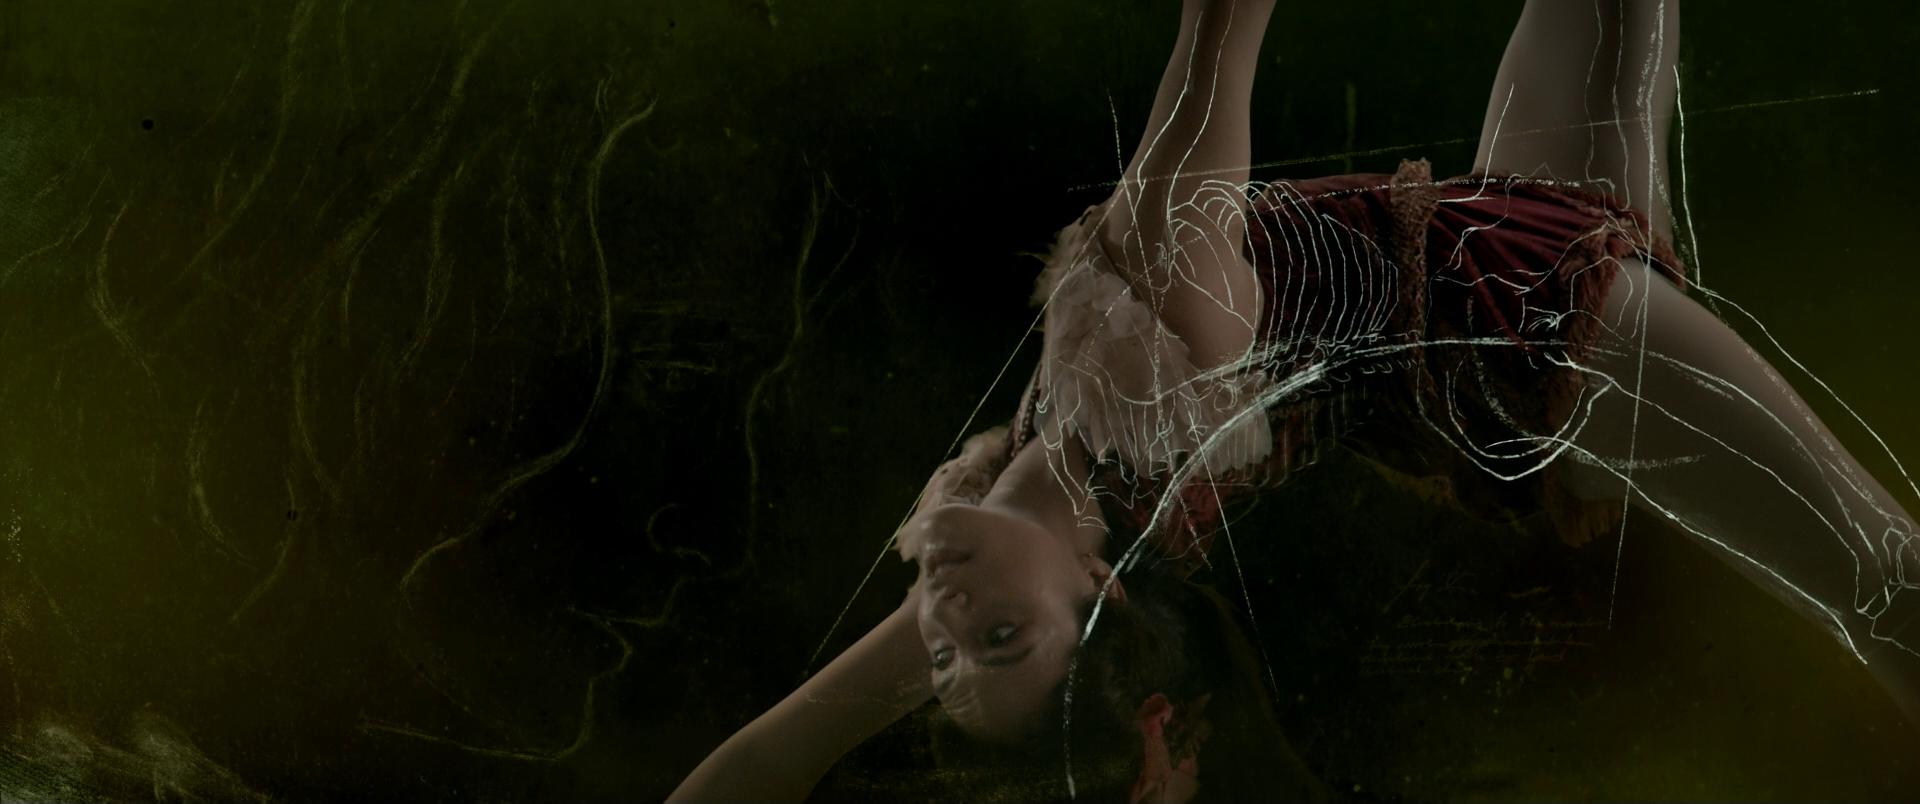 Виктор Франкенштейн — Victor Frankenstein (2015)  BDRip 1080p